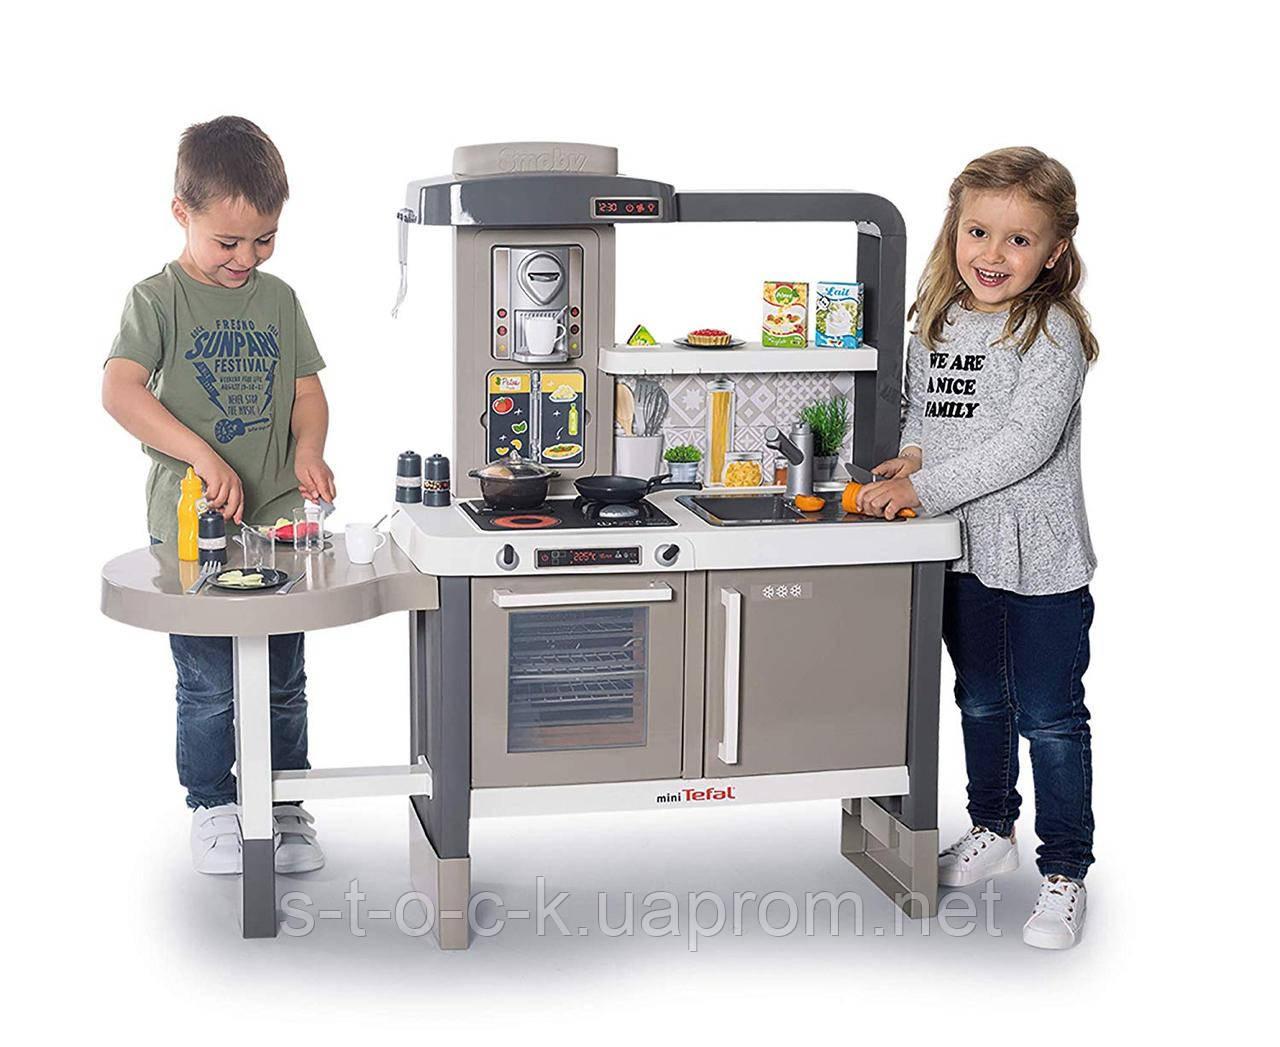 Детская интерактивная кухня mini Tefal Evolutive SMOBY 312300